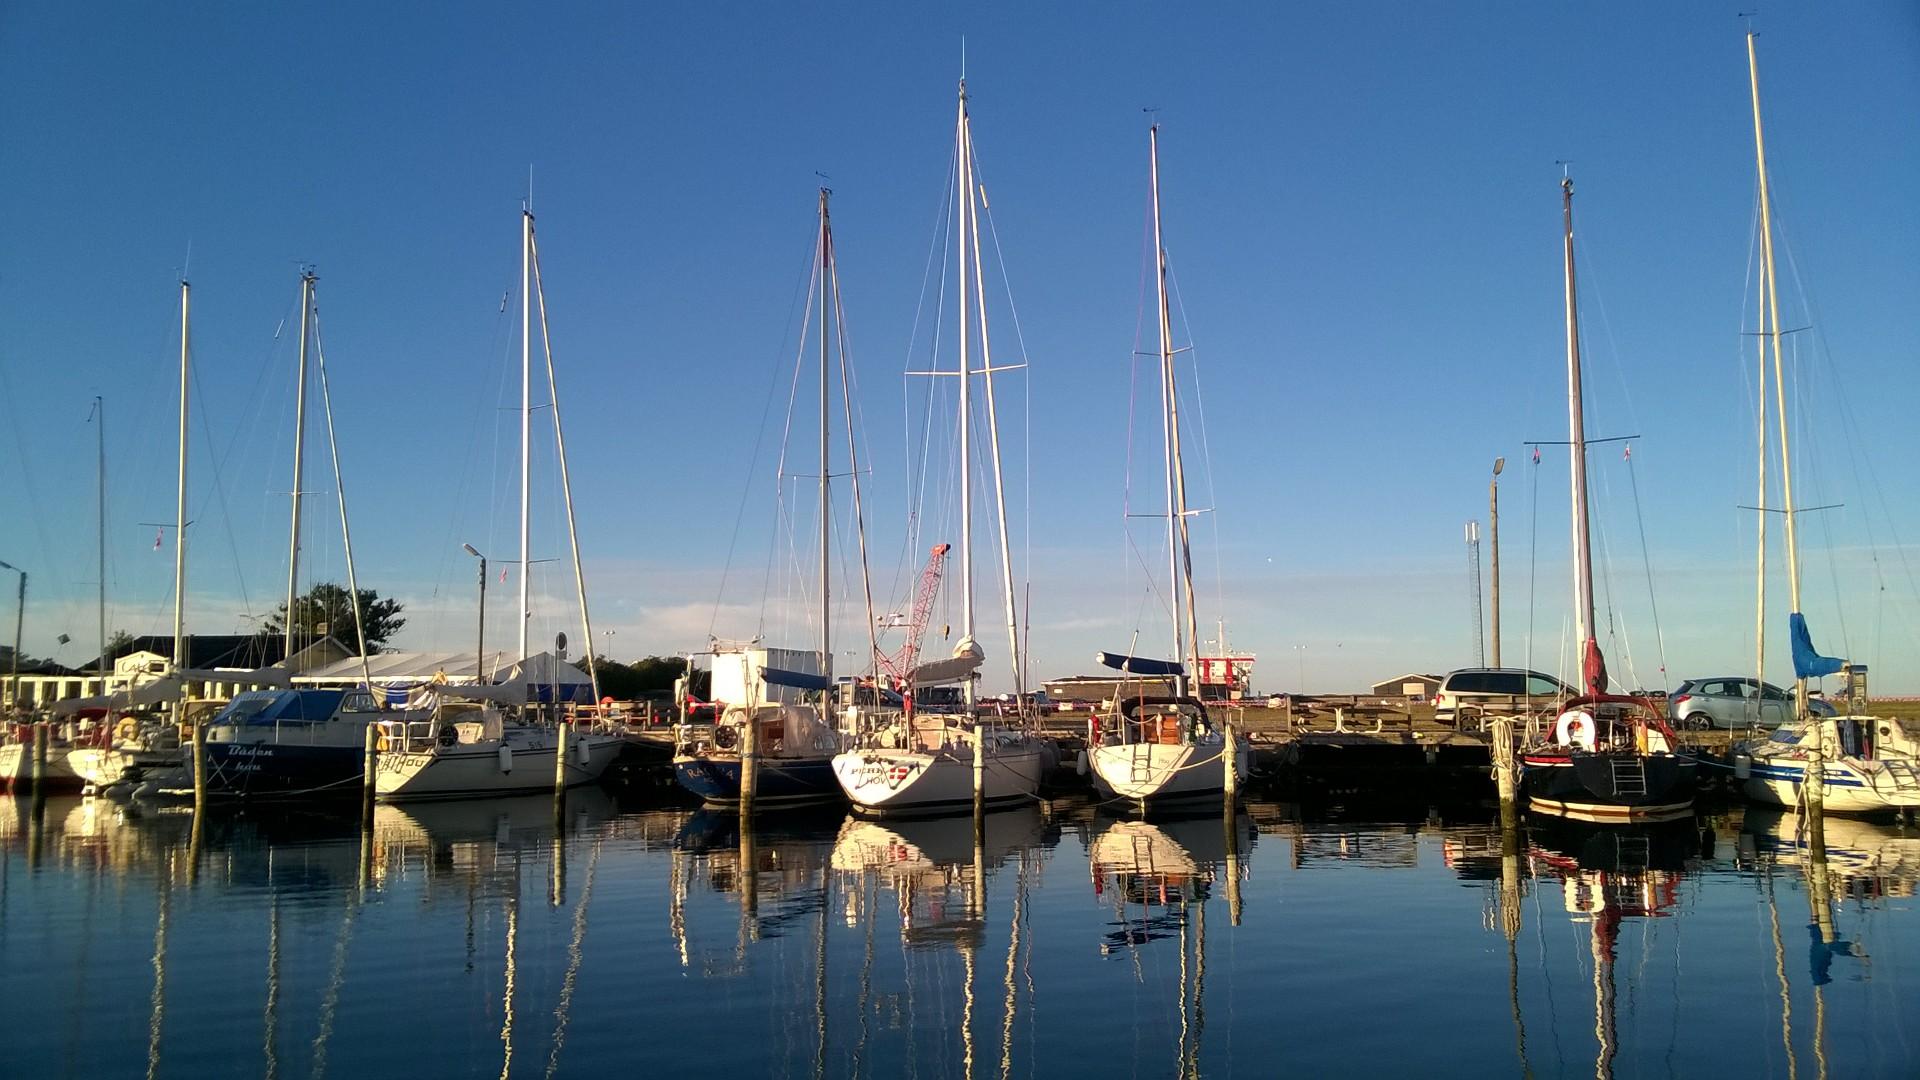 Her ses Hou Lystbådehavn, der ligger syd for Aarhus. Foto: Troels Lykke